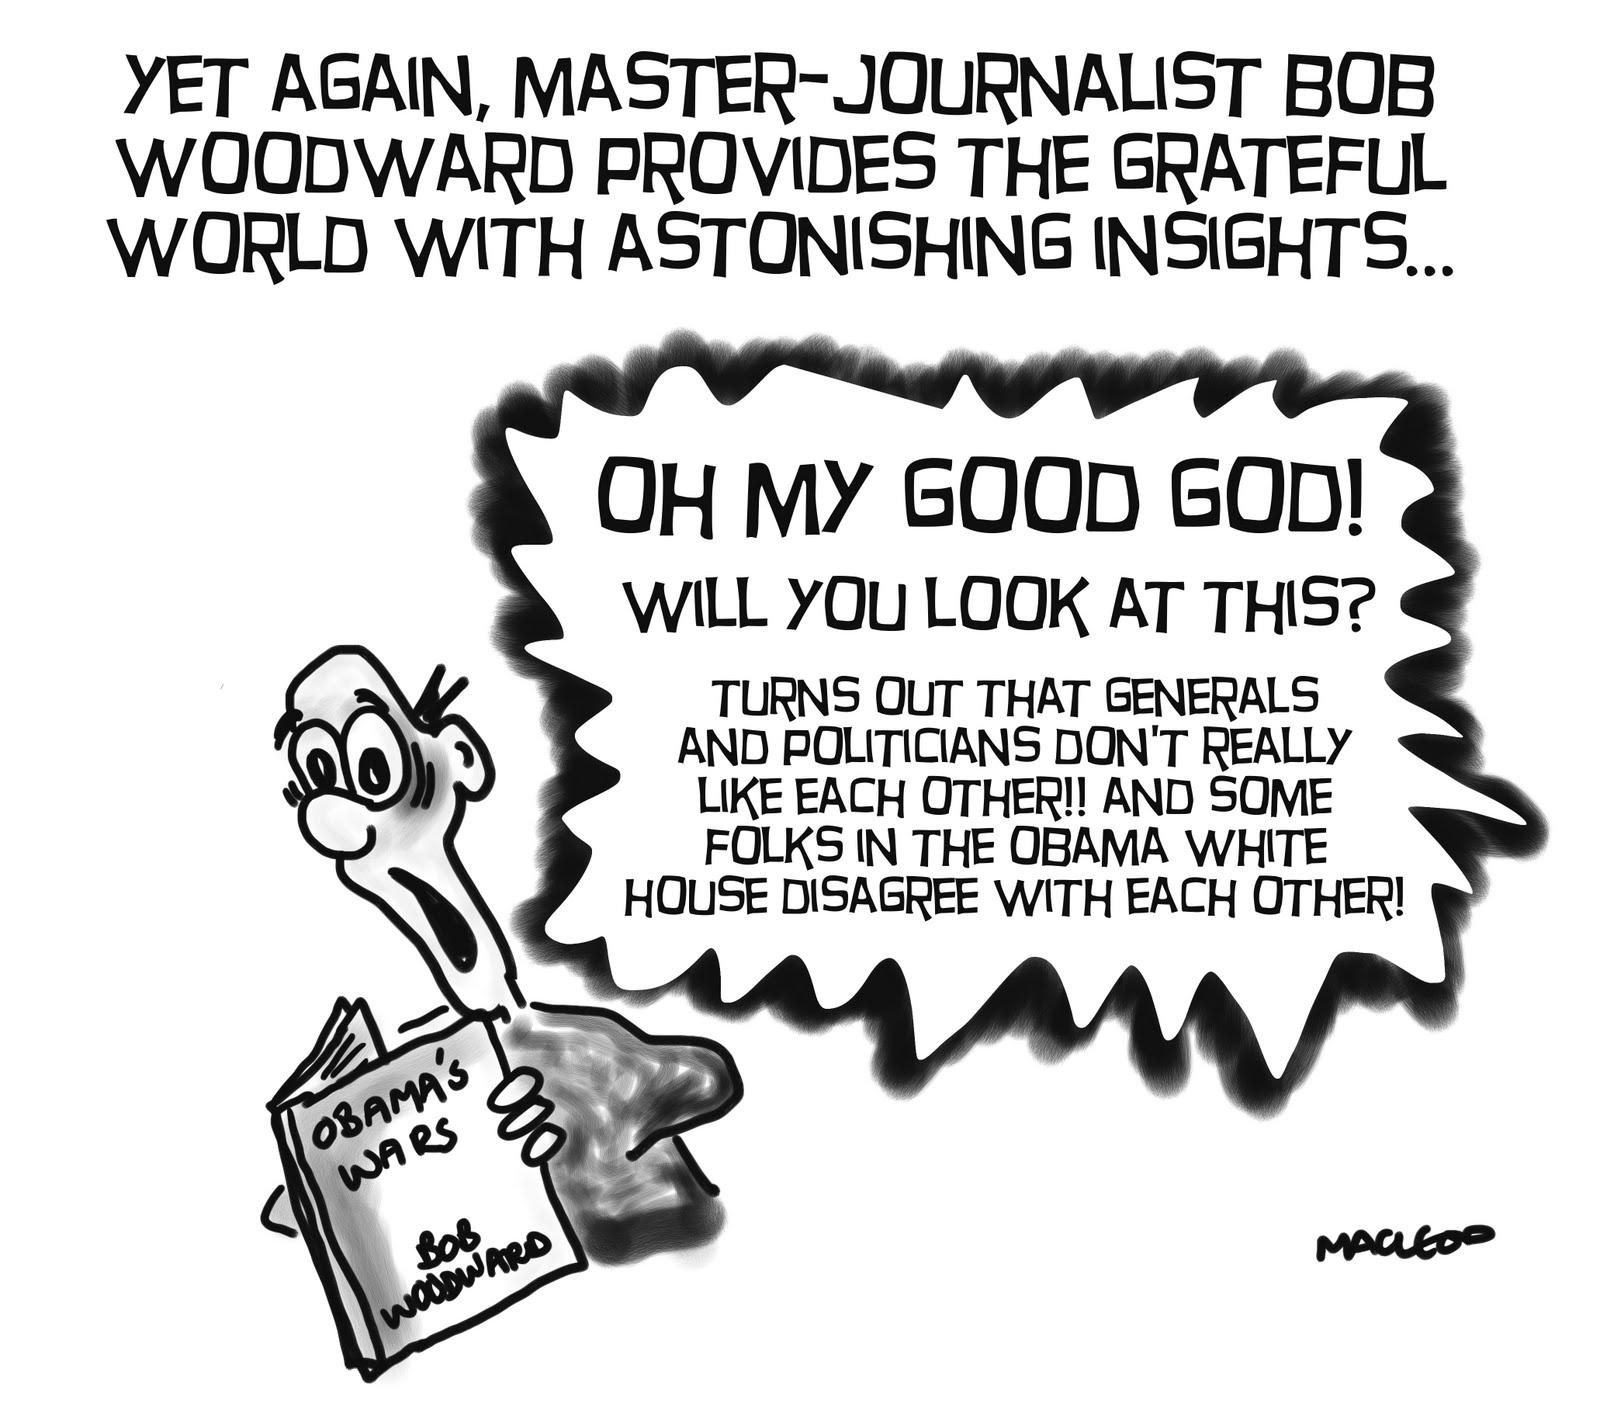 MacLeod Cartoons: Woodward's Obama's Wars Revelations Shocker!